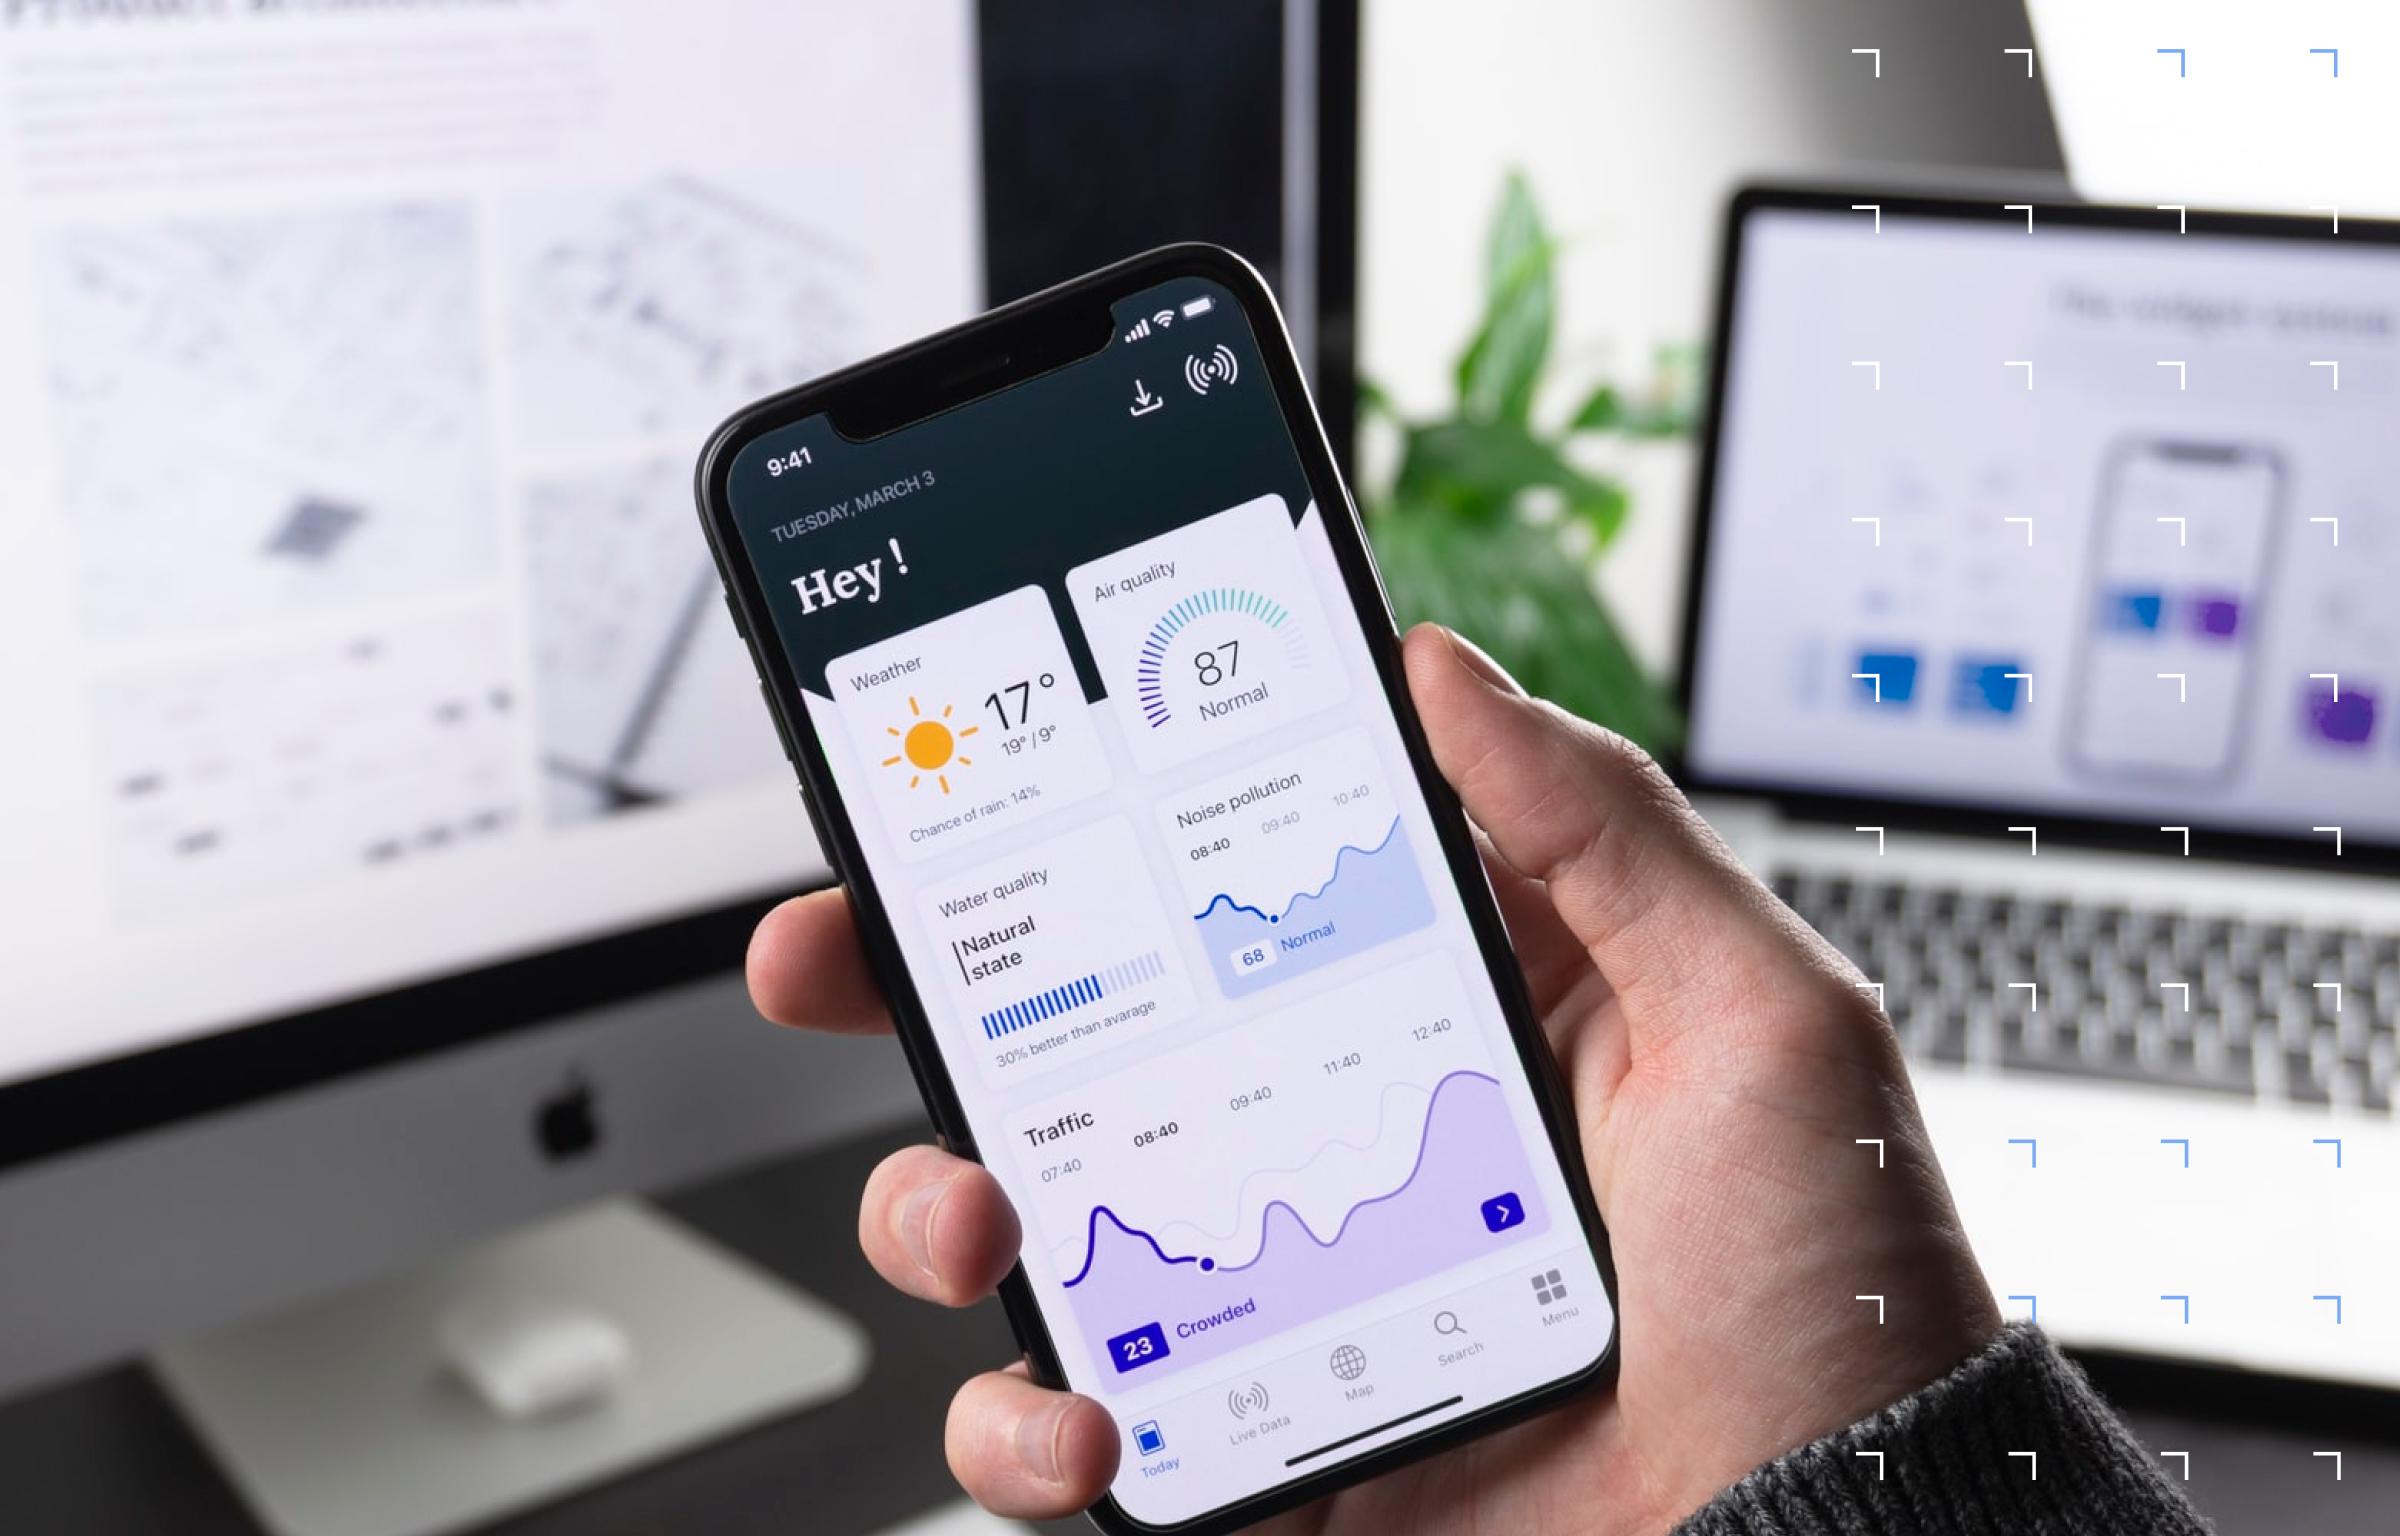 создание мобильных приложений с нуля